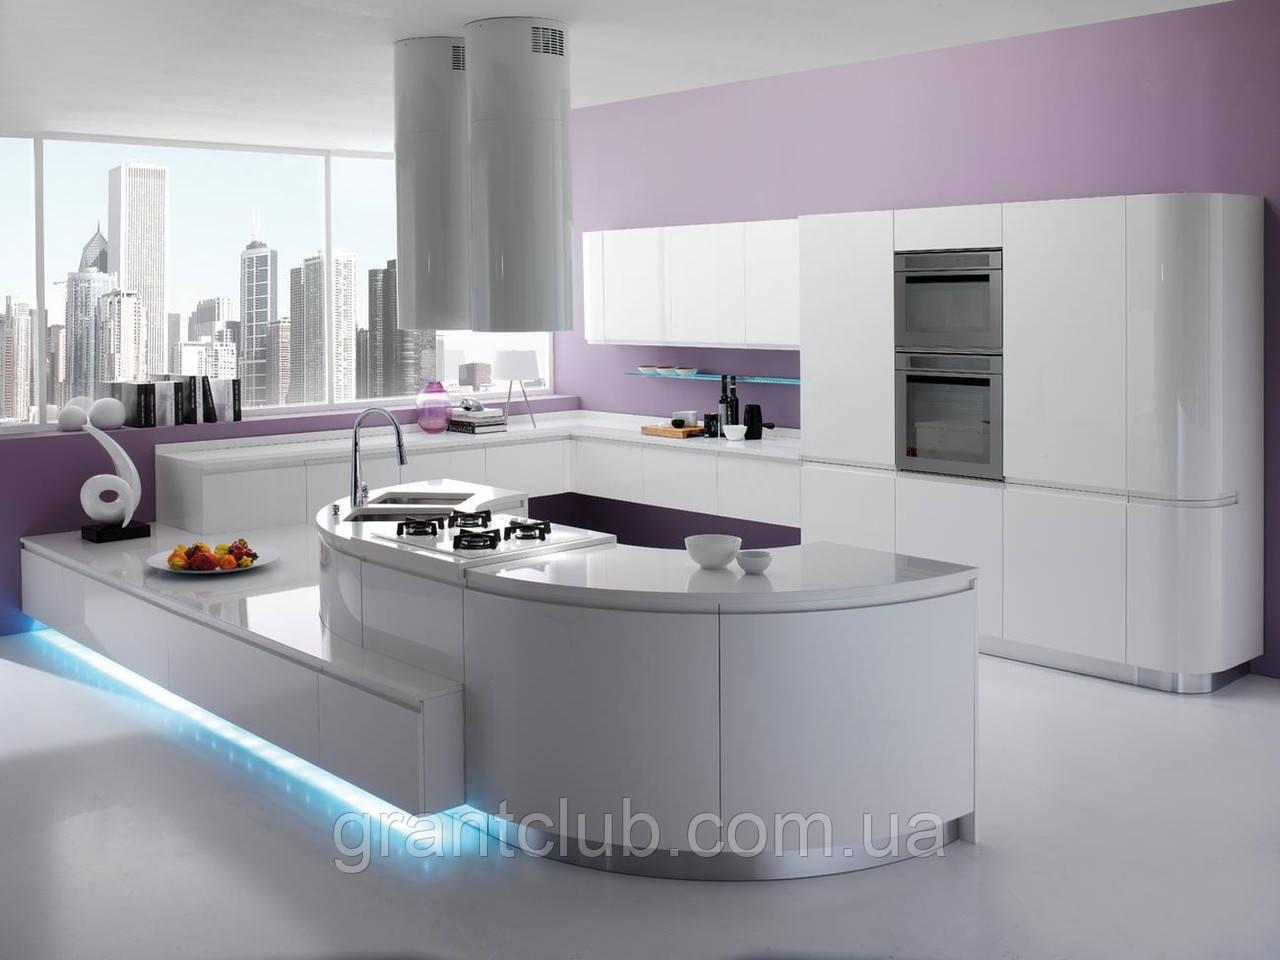 Современная радиусная крашенная кухня без ручек с подсветкой SEVEN фабрика TORCHETTI (Италия)